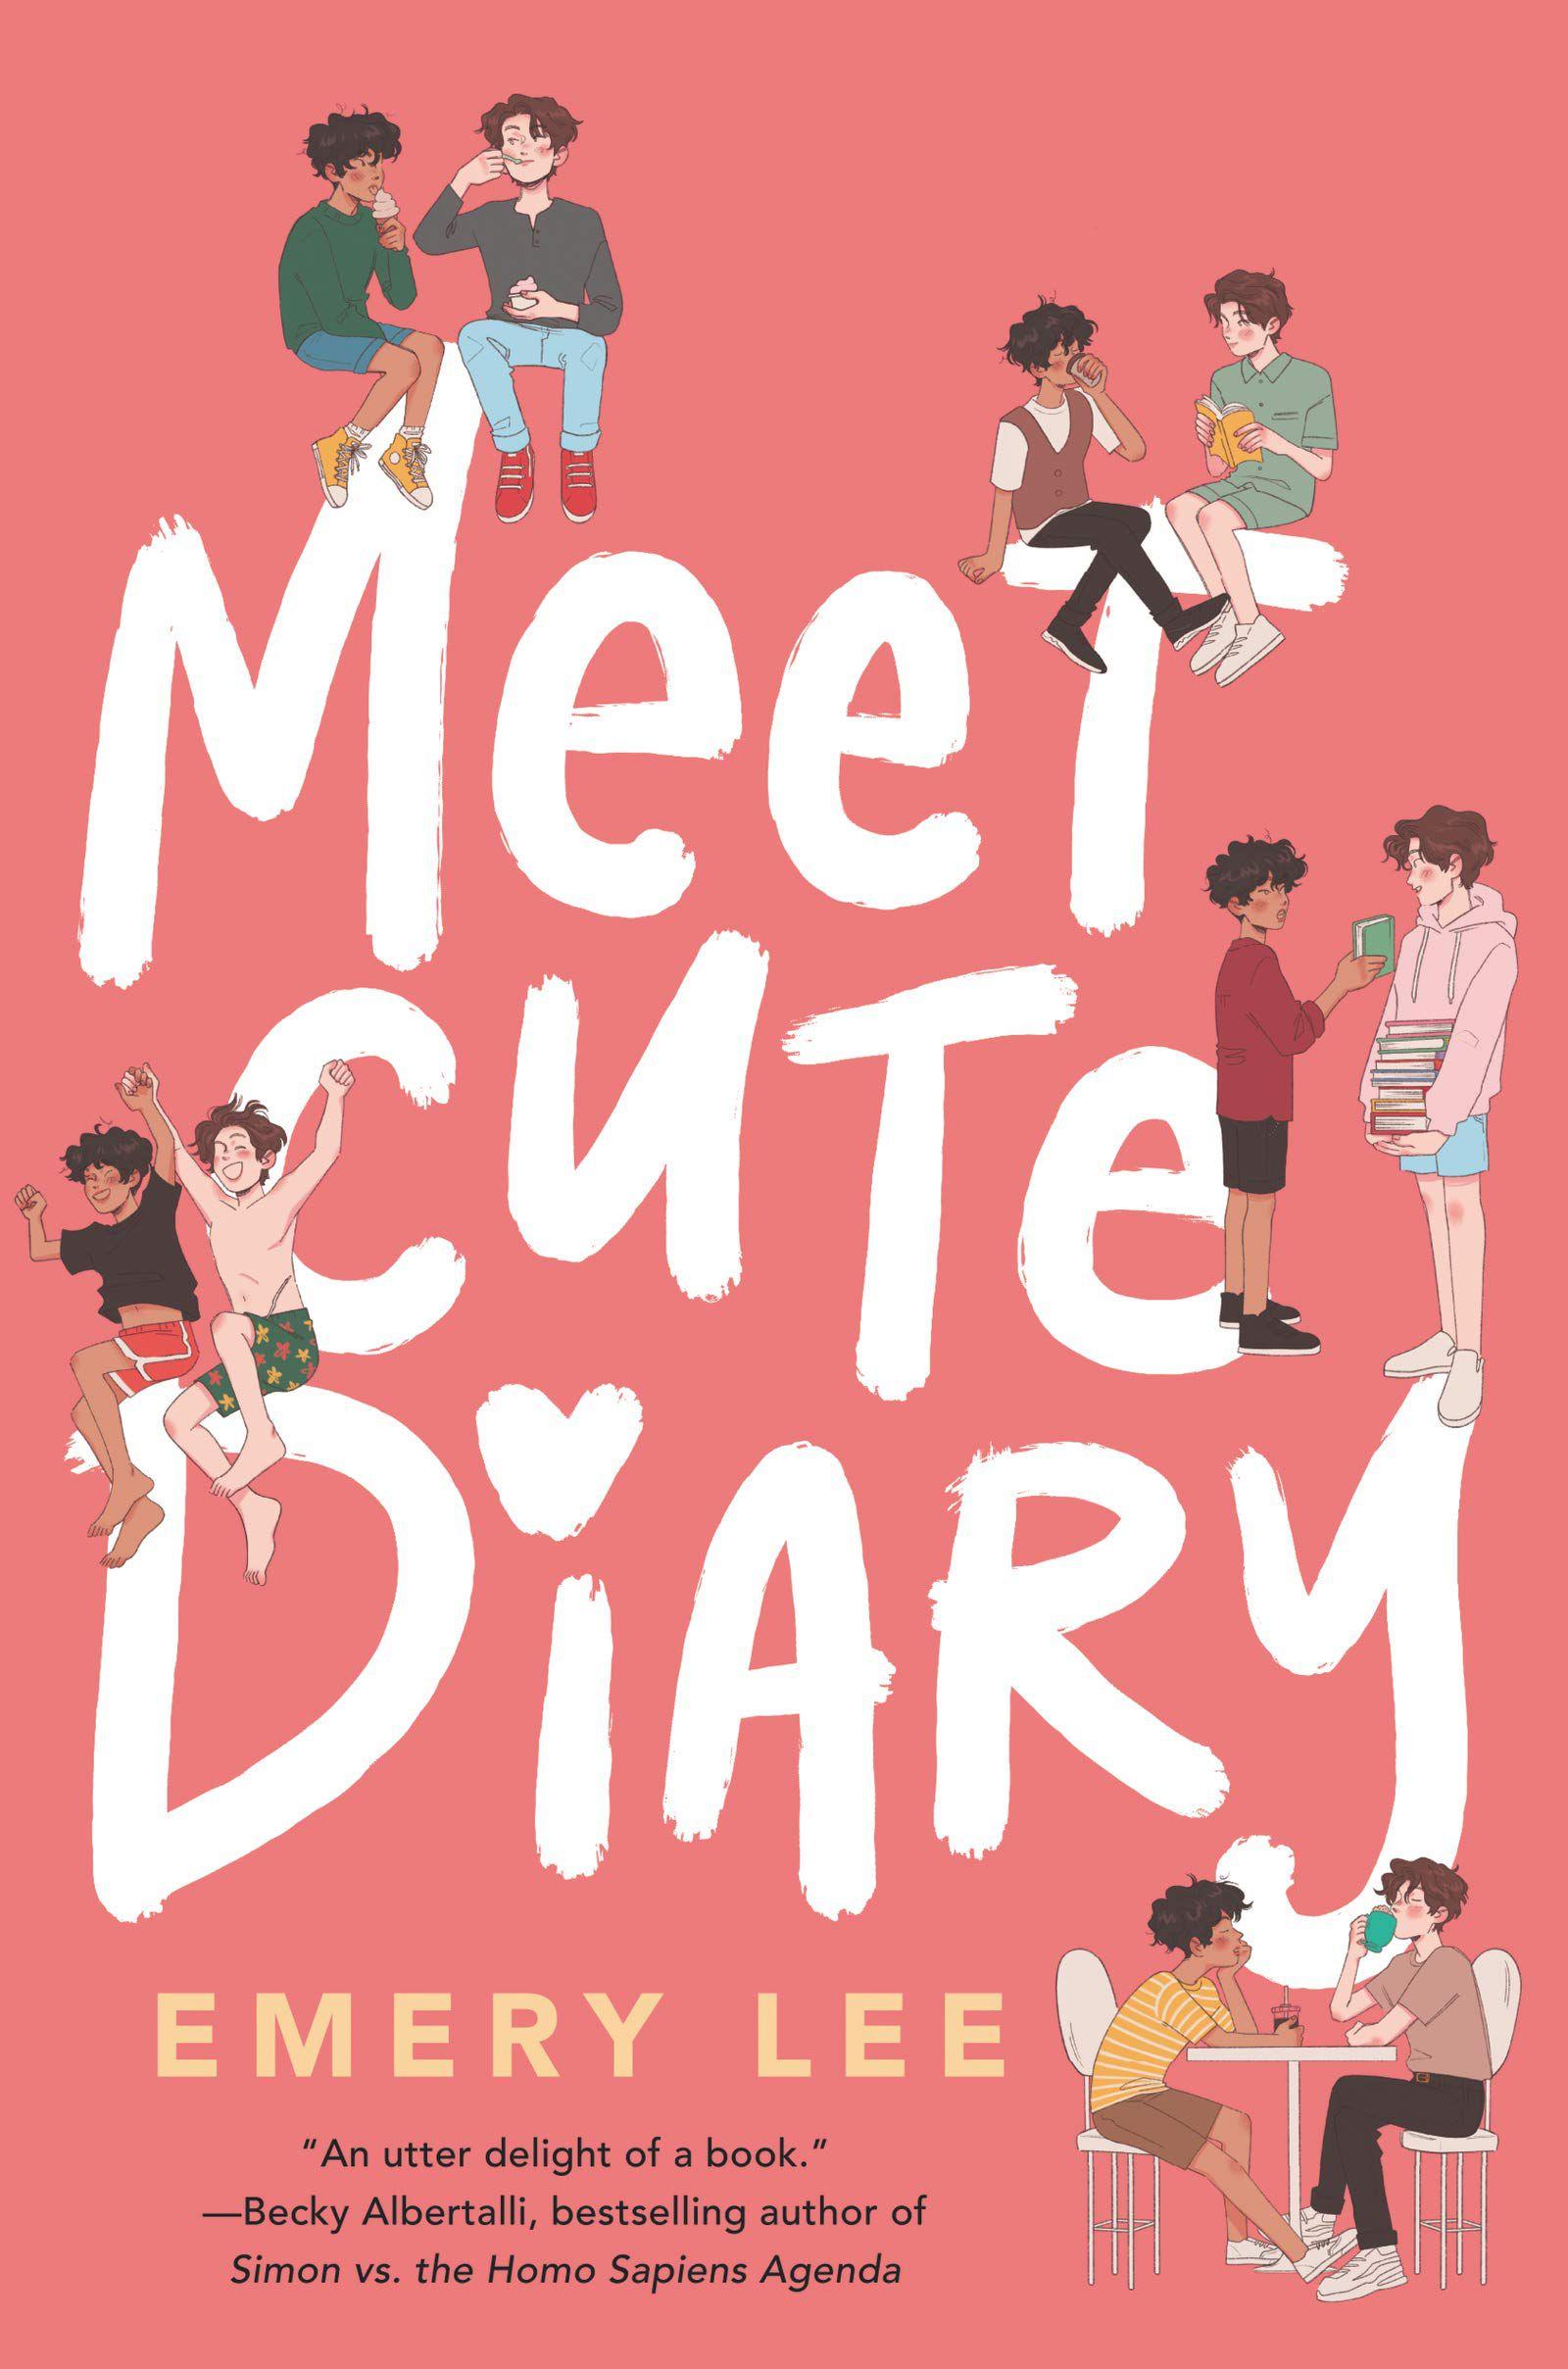 Meet Cute Diary book cover